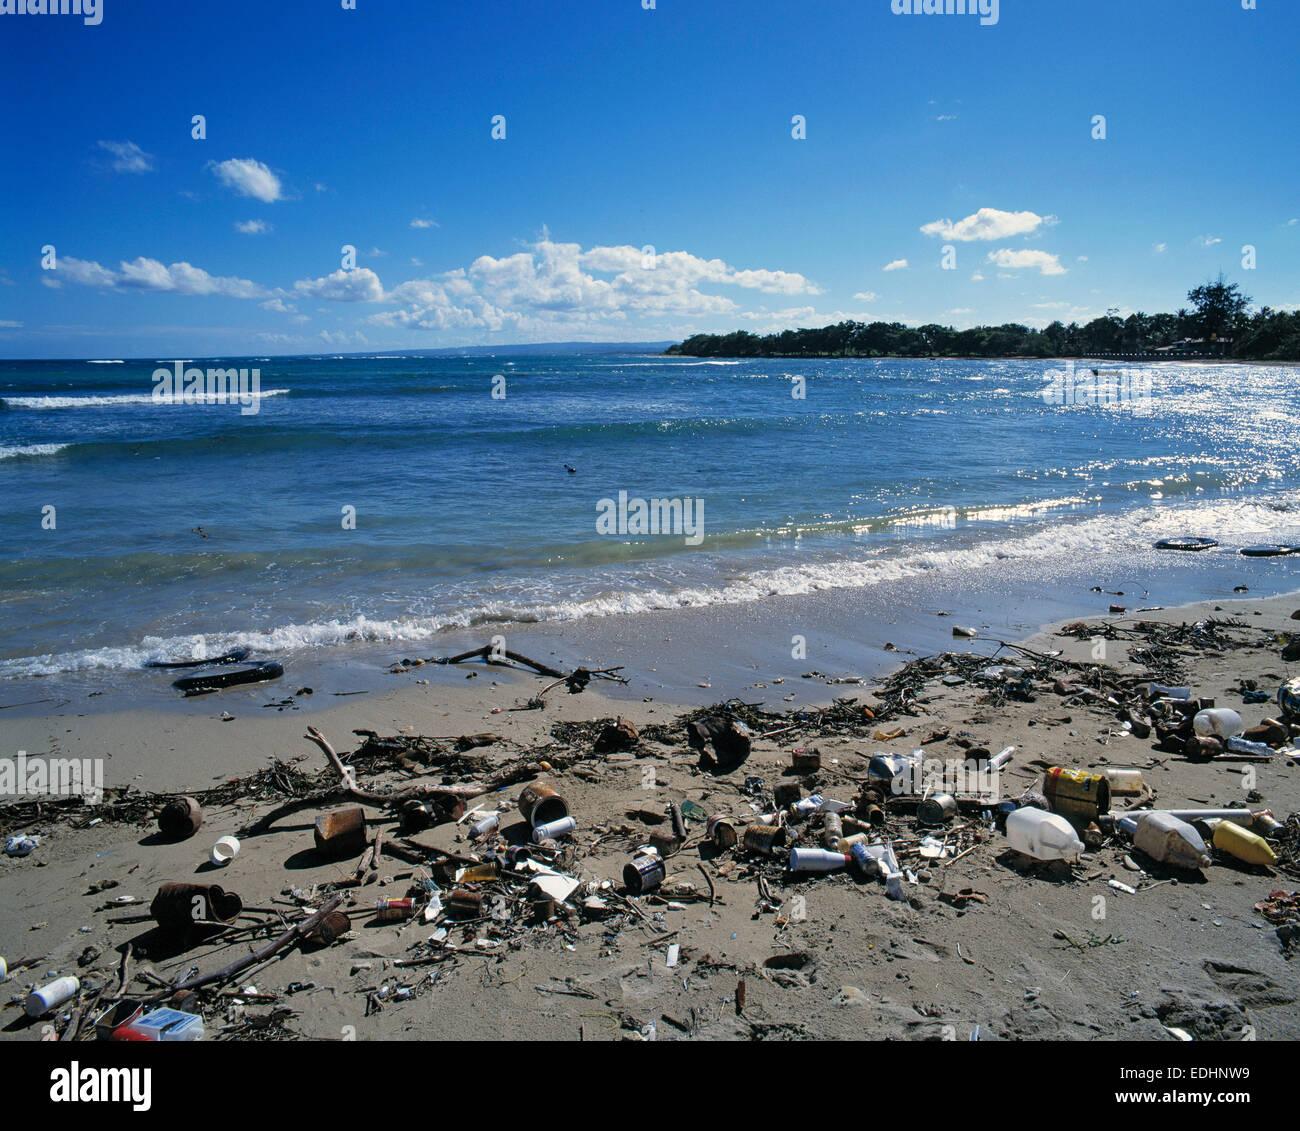 Sandy Beach: Sea, Sandy Beach, Polluted Dream Beach, Waste